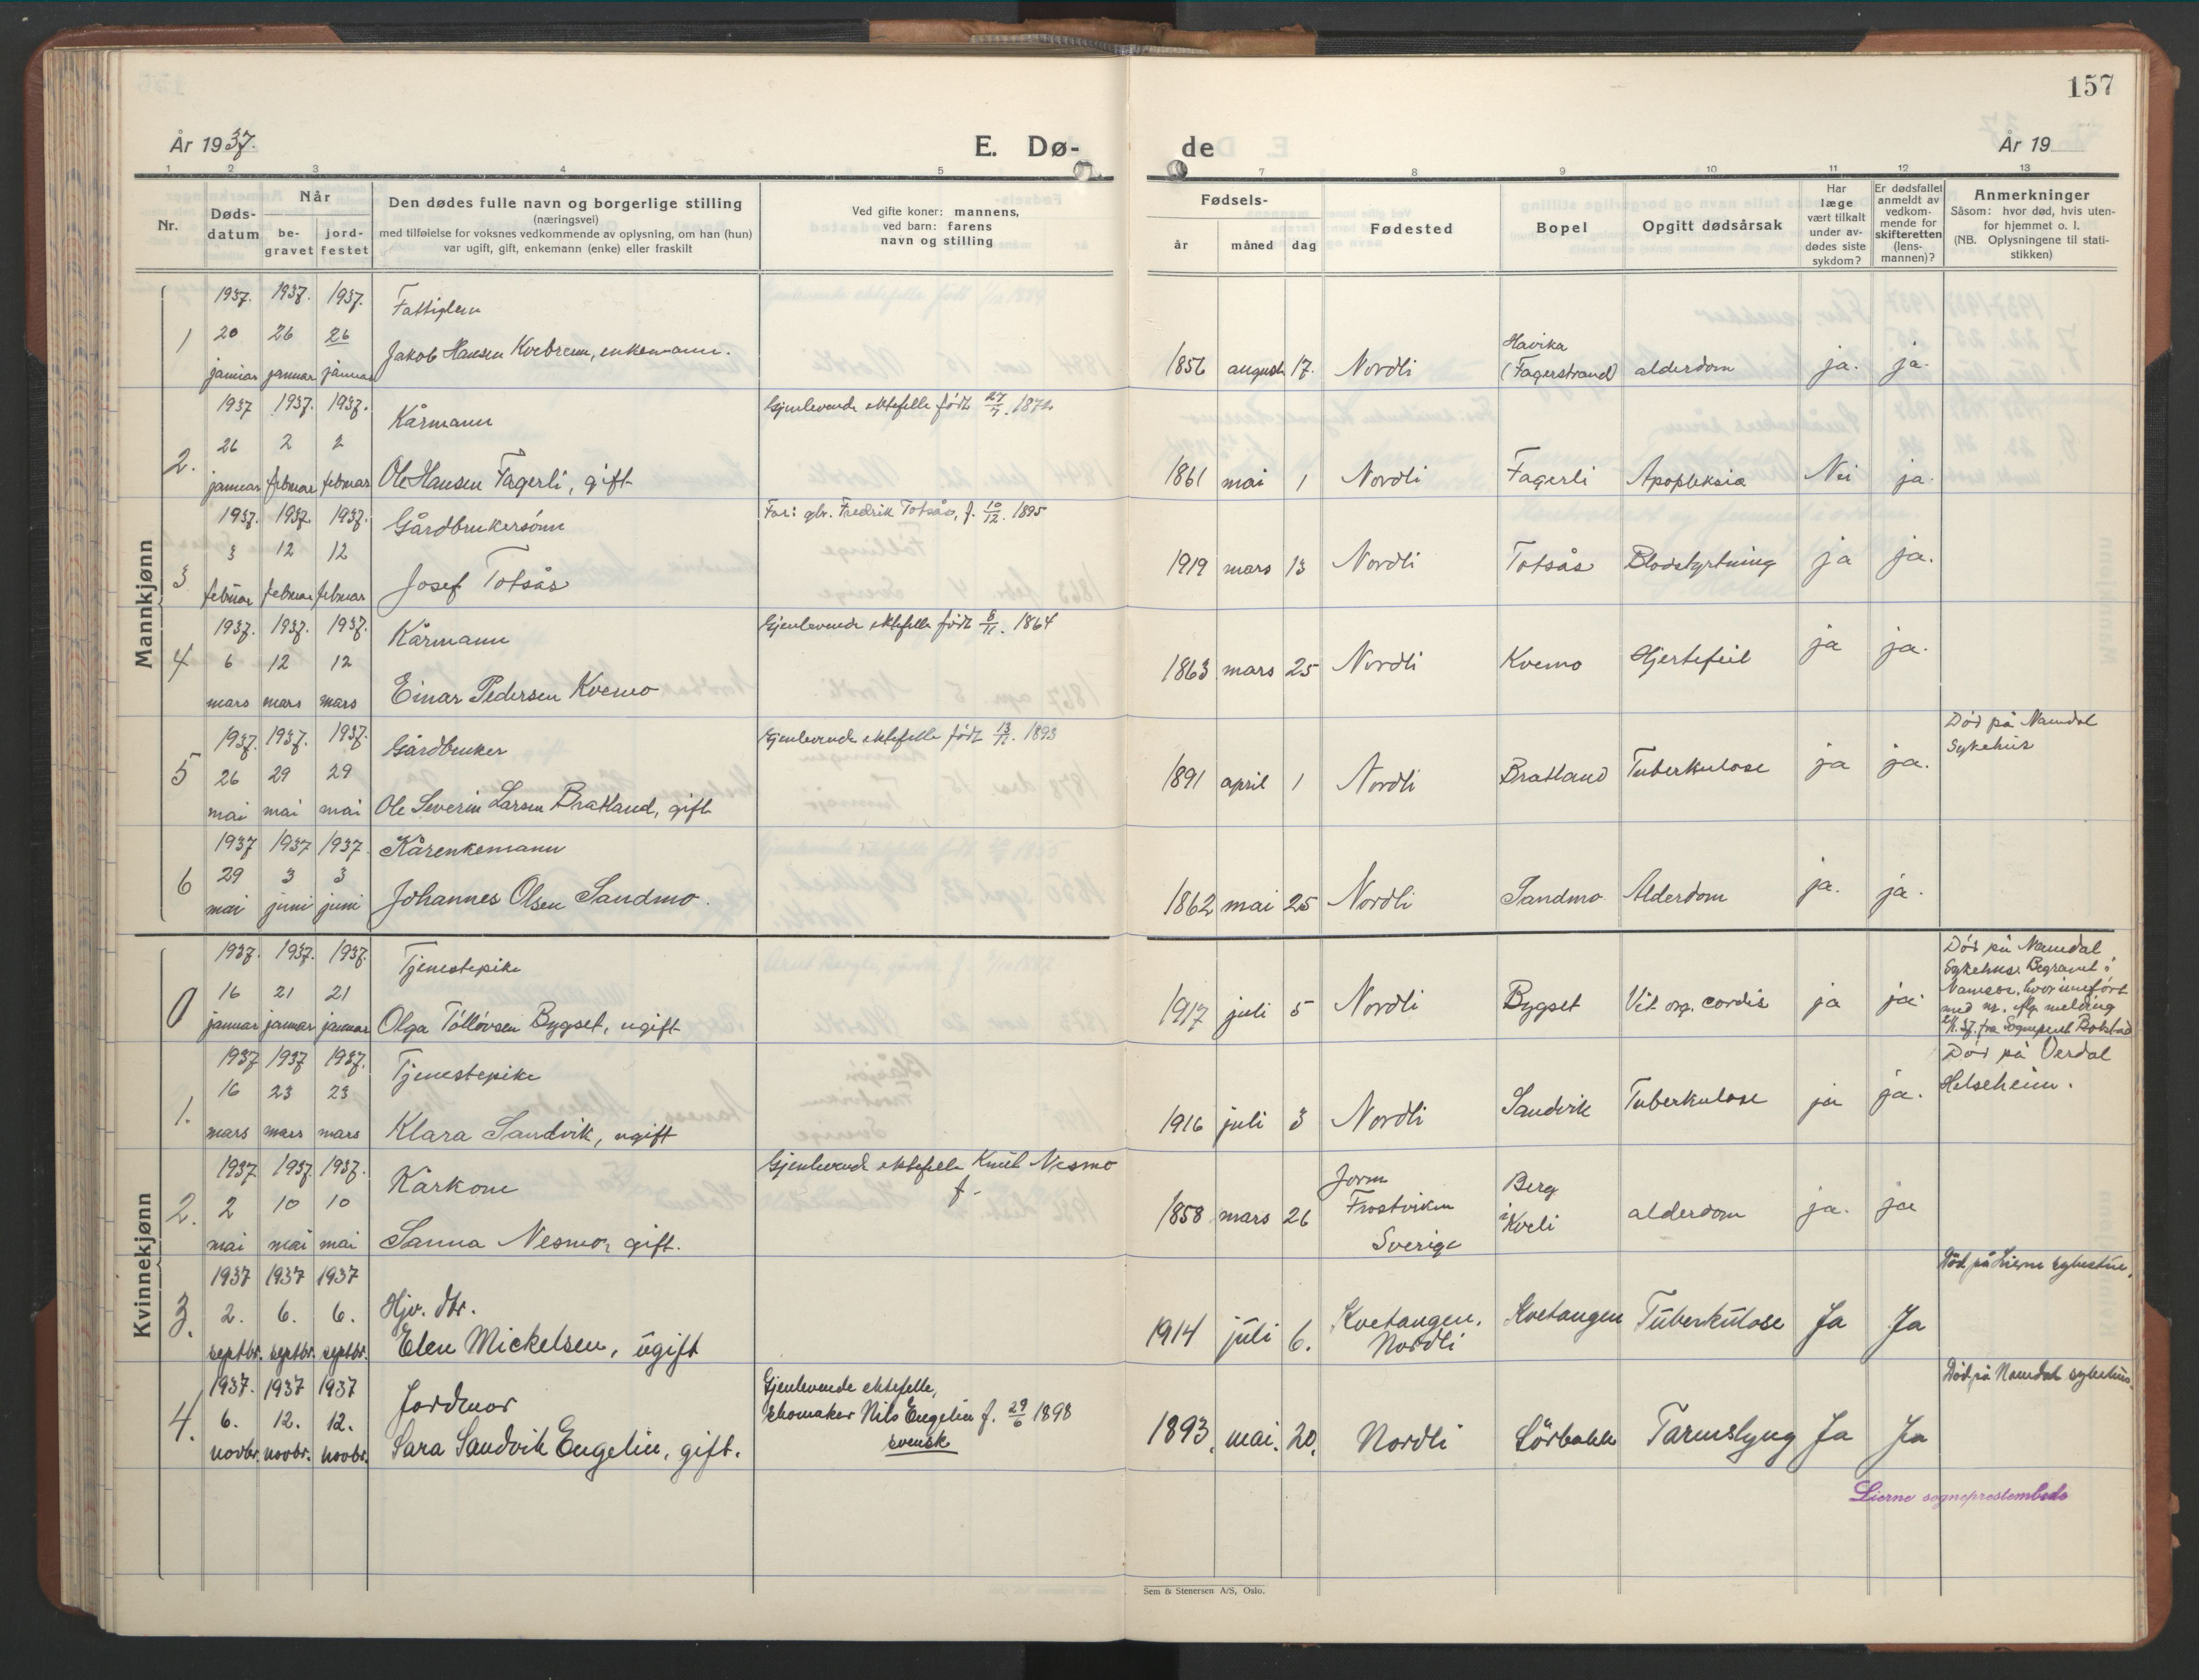 SAT, Ministerialprotokoller, klokkerbøker og fødselsregistre - Nord-Trøndelag, 755/L0500: Klokkerbok nr. 755C01, 1920-1962, s. 157